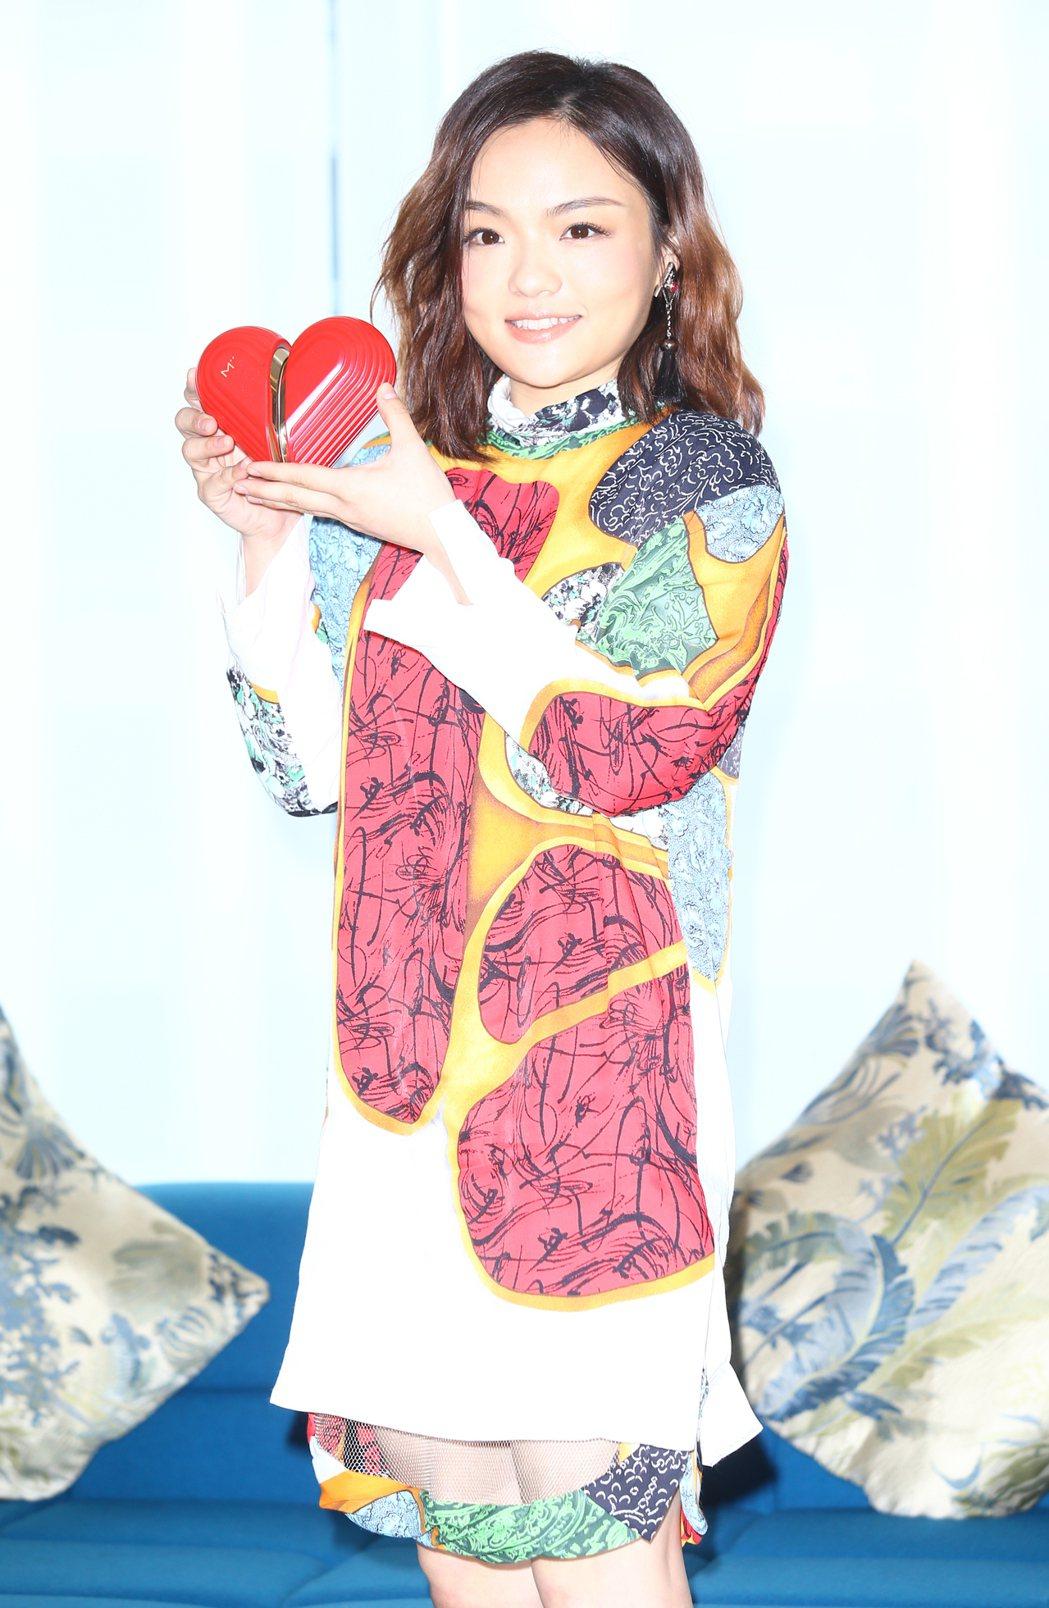 徐佳瑩(LaLa)舉行全新專輯【心裡學】新歌分享會。記者曾學仁/攝影